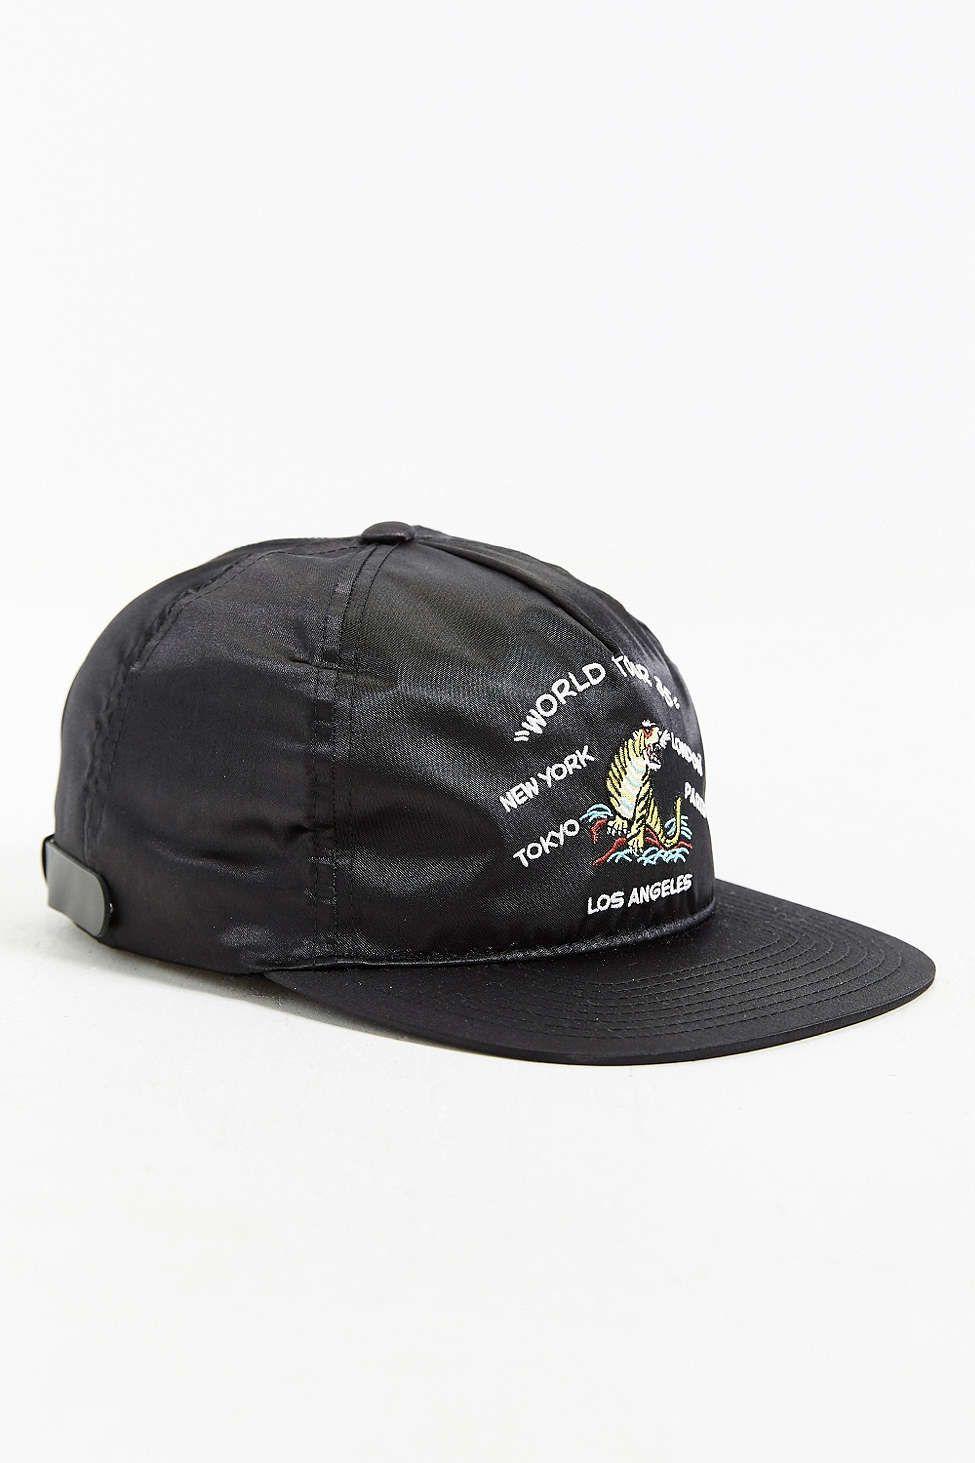 Stussy Satin Strapback Hat Strapback Hats Stussy Hats